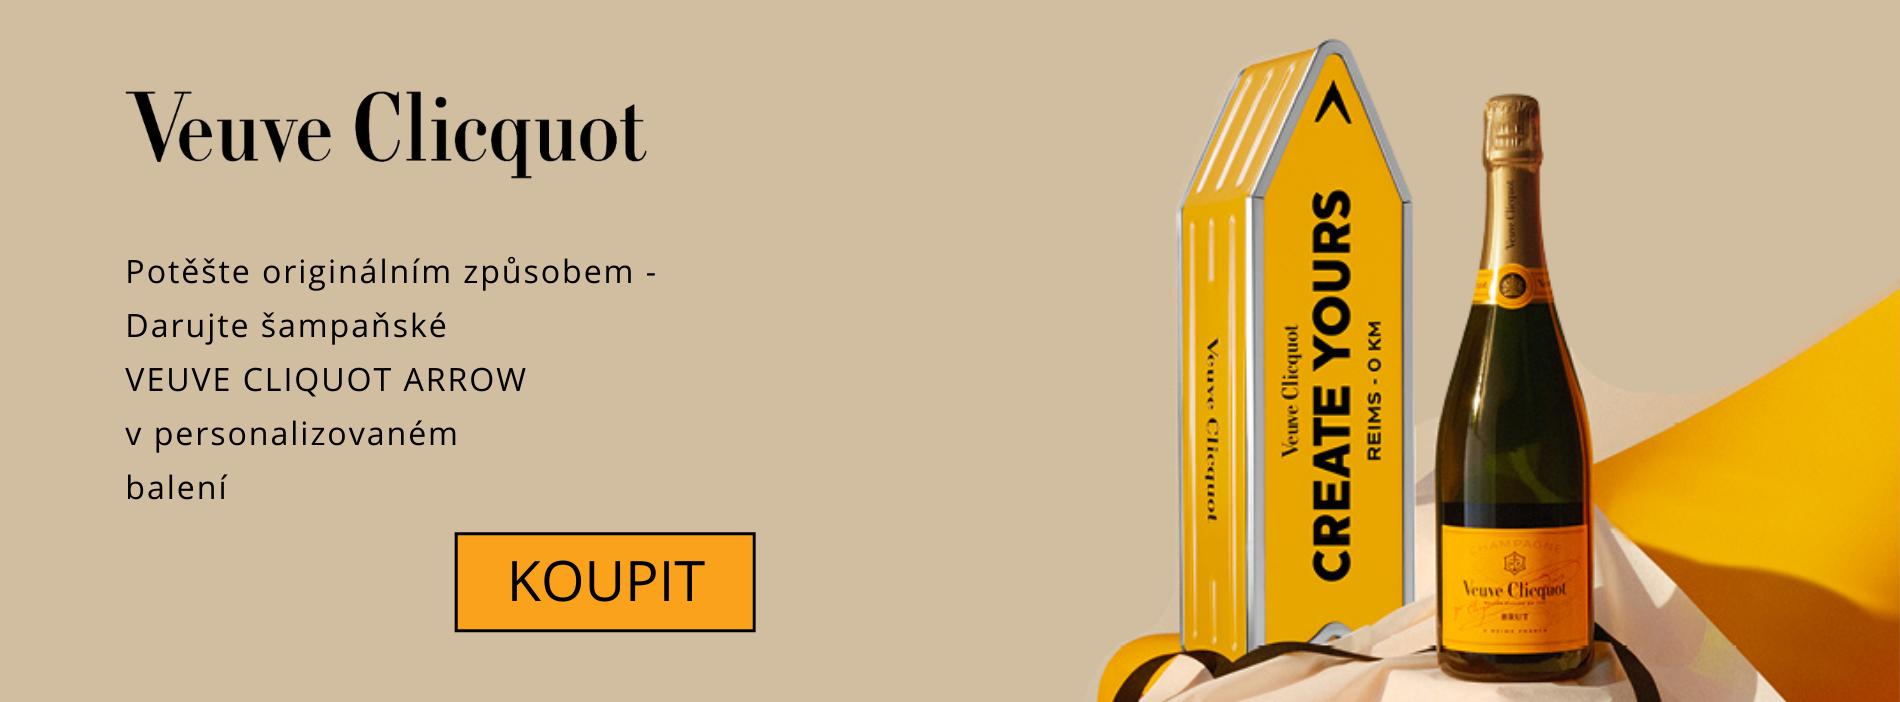 Potěšte originálním způsobem - Veuve Cliquot  v personalizovaném balení